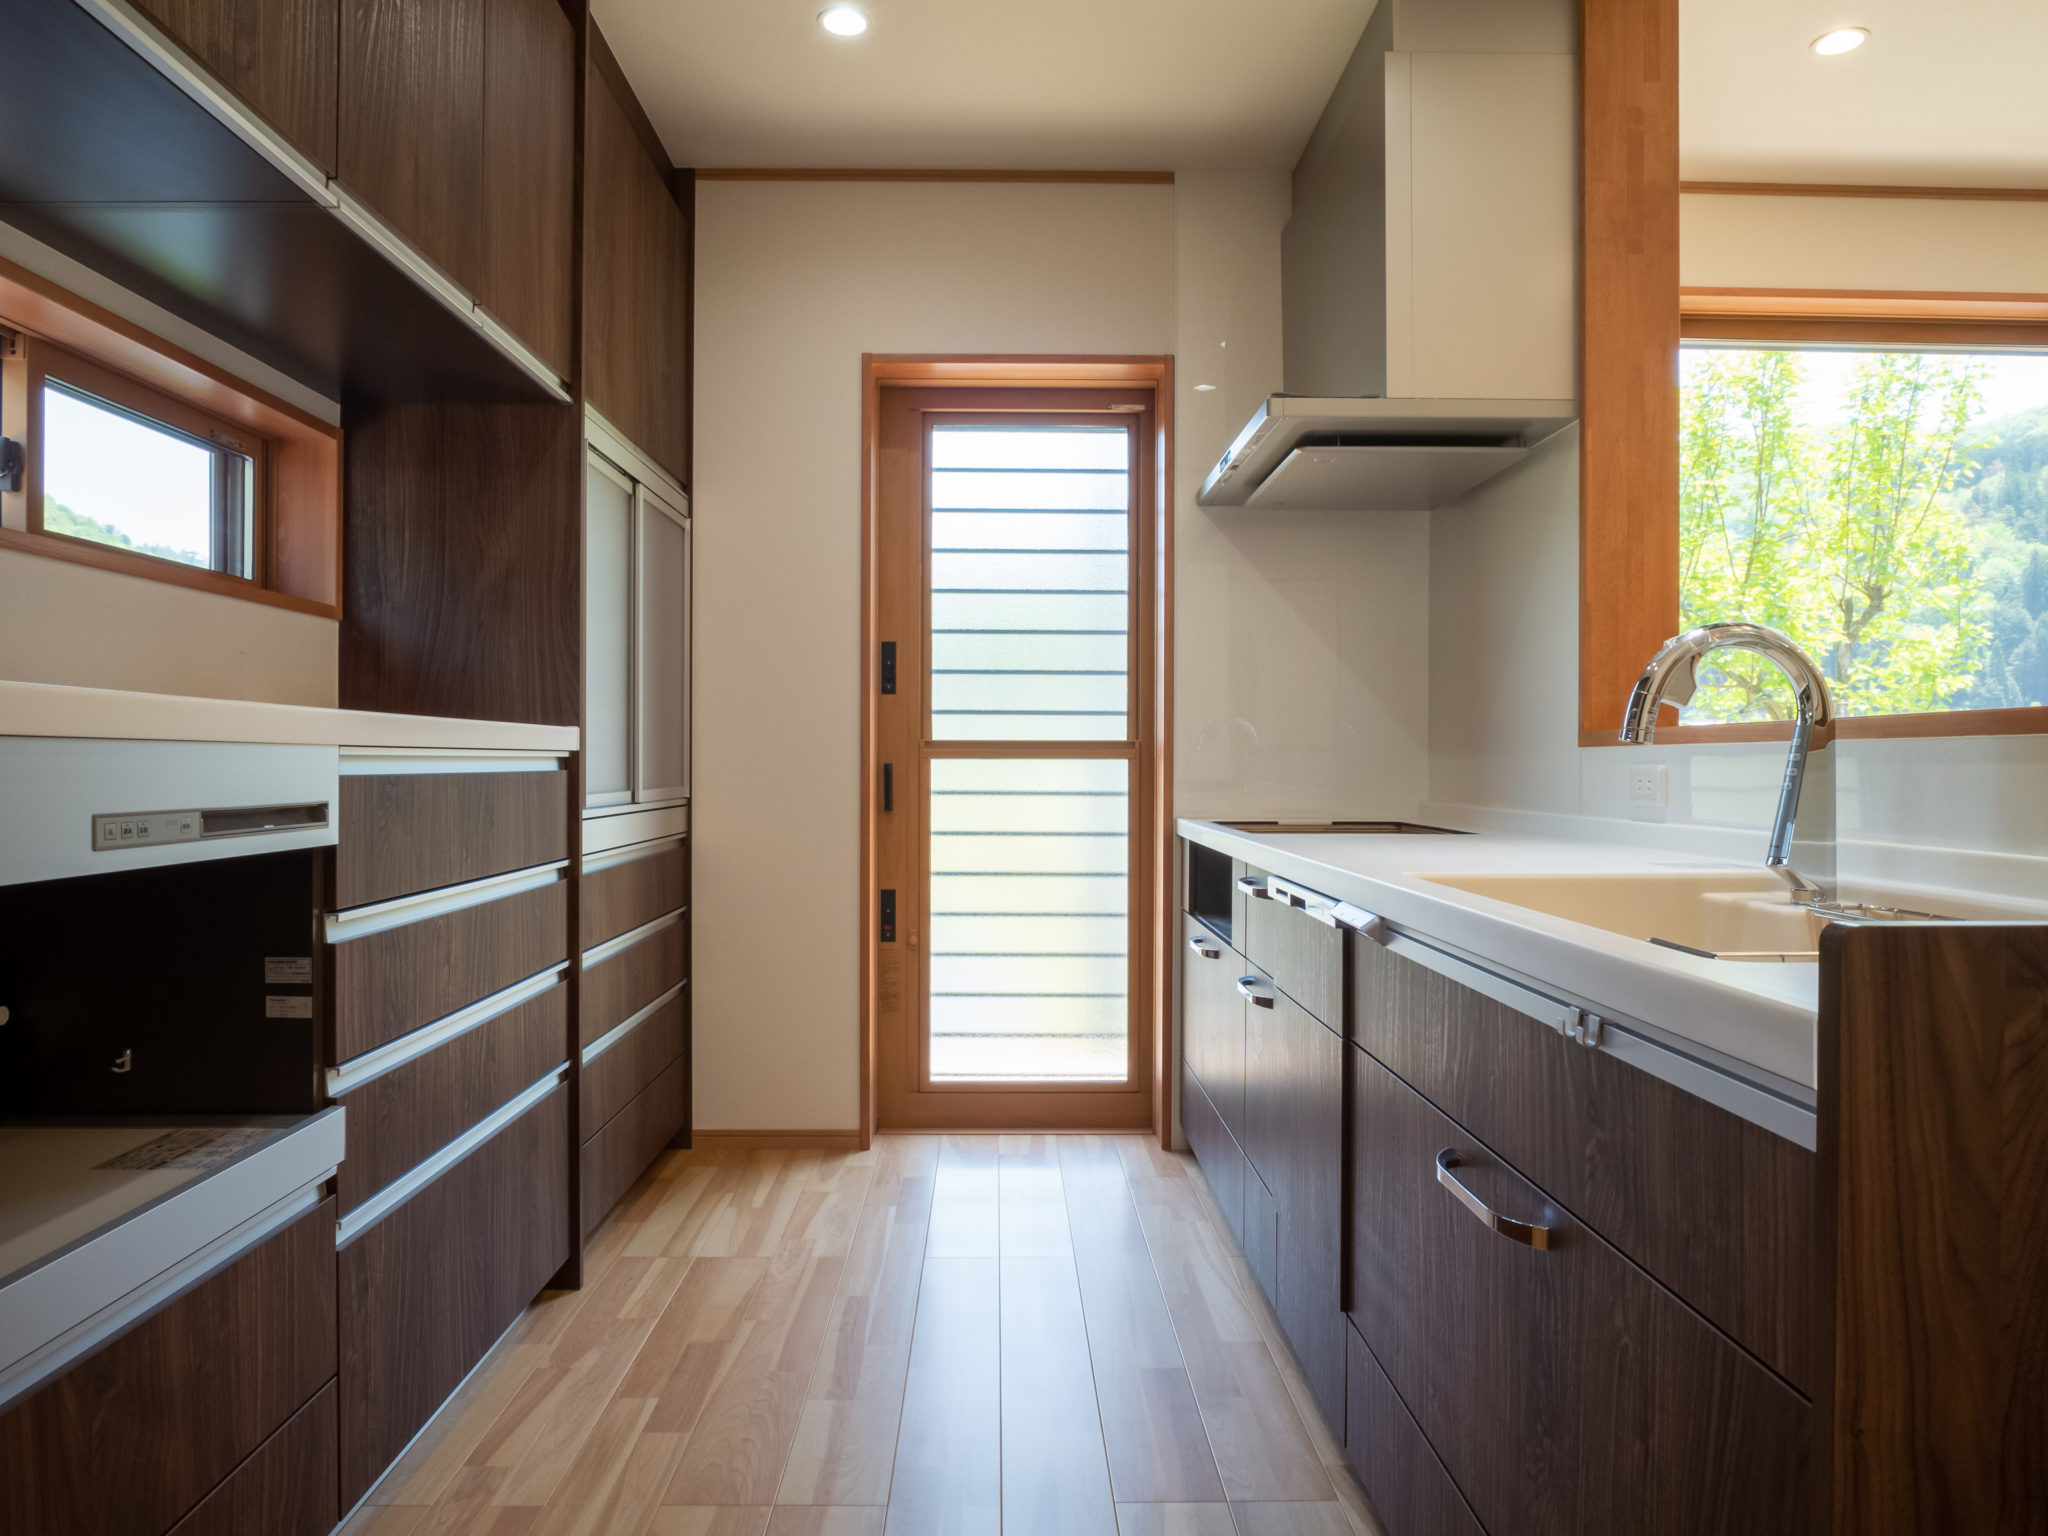 機能的なキッチンは落ち着いたトーンでスッキリと